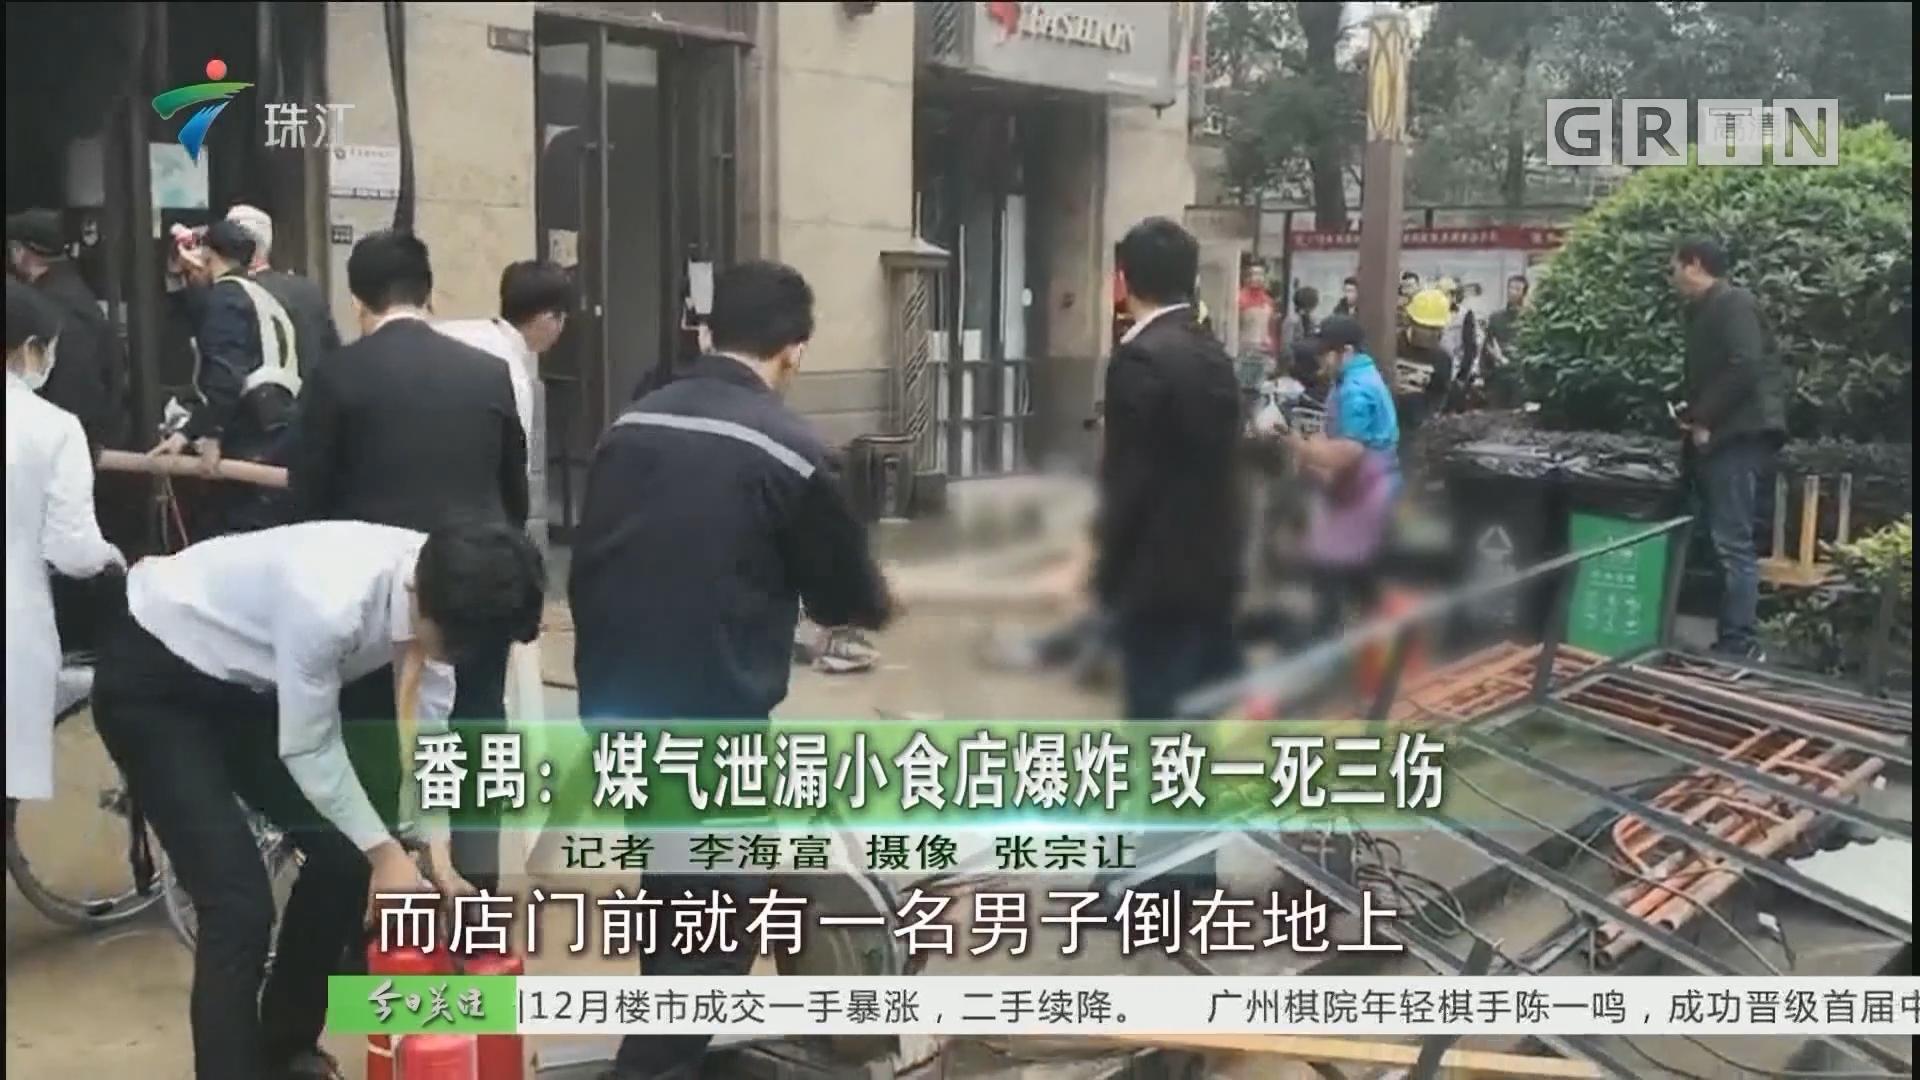 番禺:煤气泄漏小食店爆炸 致一死三伤